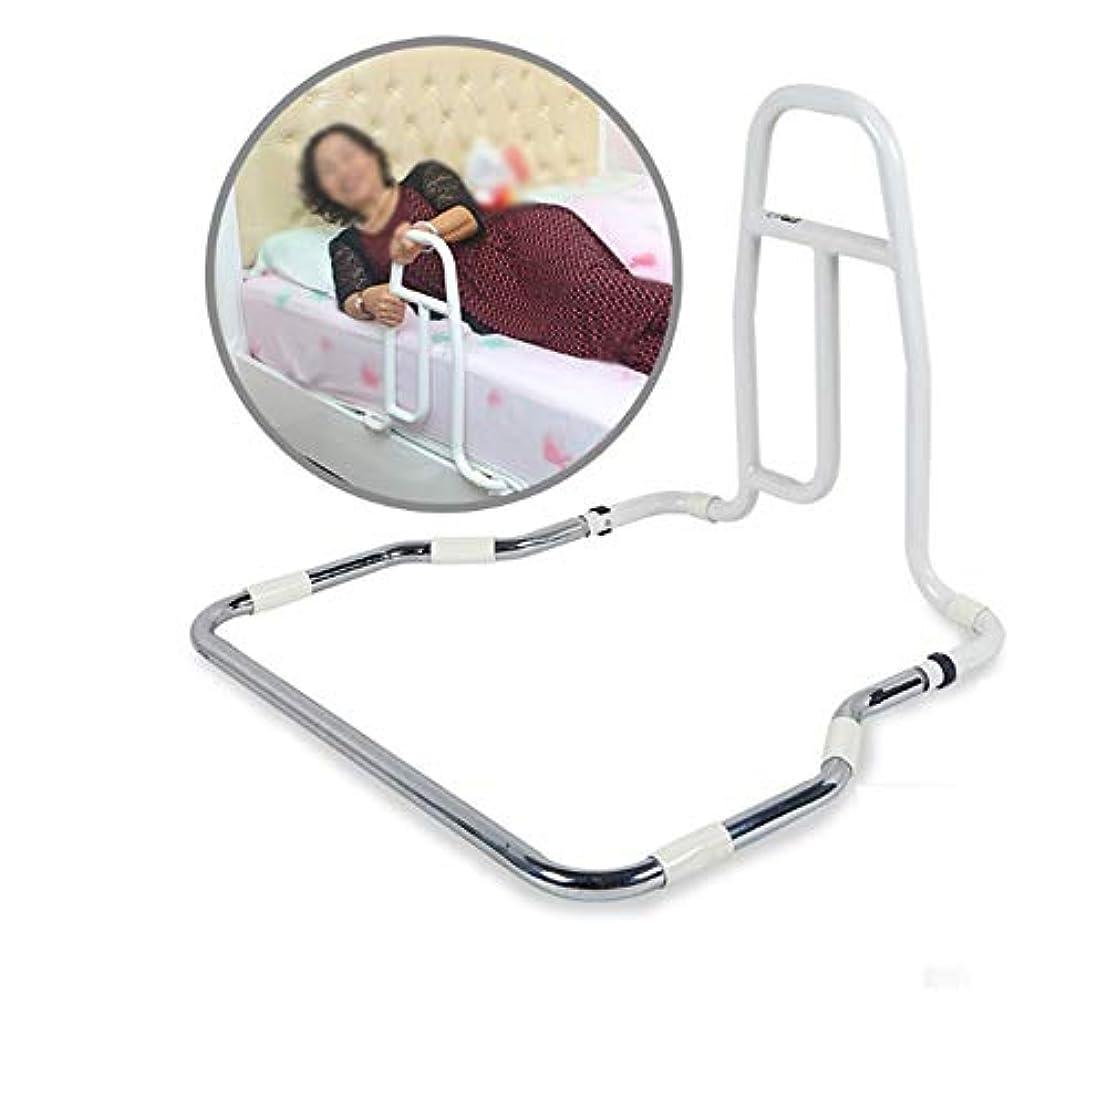 ウガンダパーツ絞るベッドグラブレール、安全な高さ調節可能なレール、ベッドの出入りを支援、安定補助具、高齢者用、身体障害者、障害者、ディバンベッドグラブハンドル